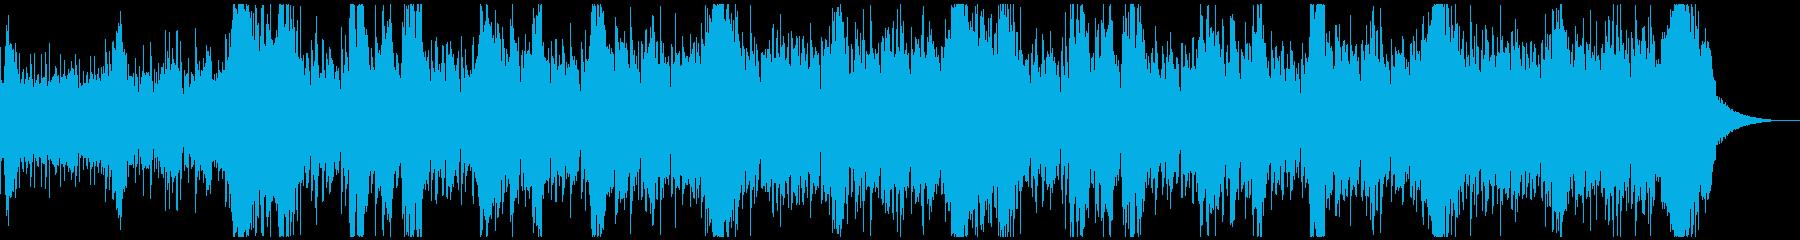 衝撃事件ミステリー再現シネマティック4の再生済みの波形